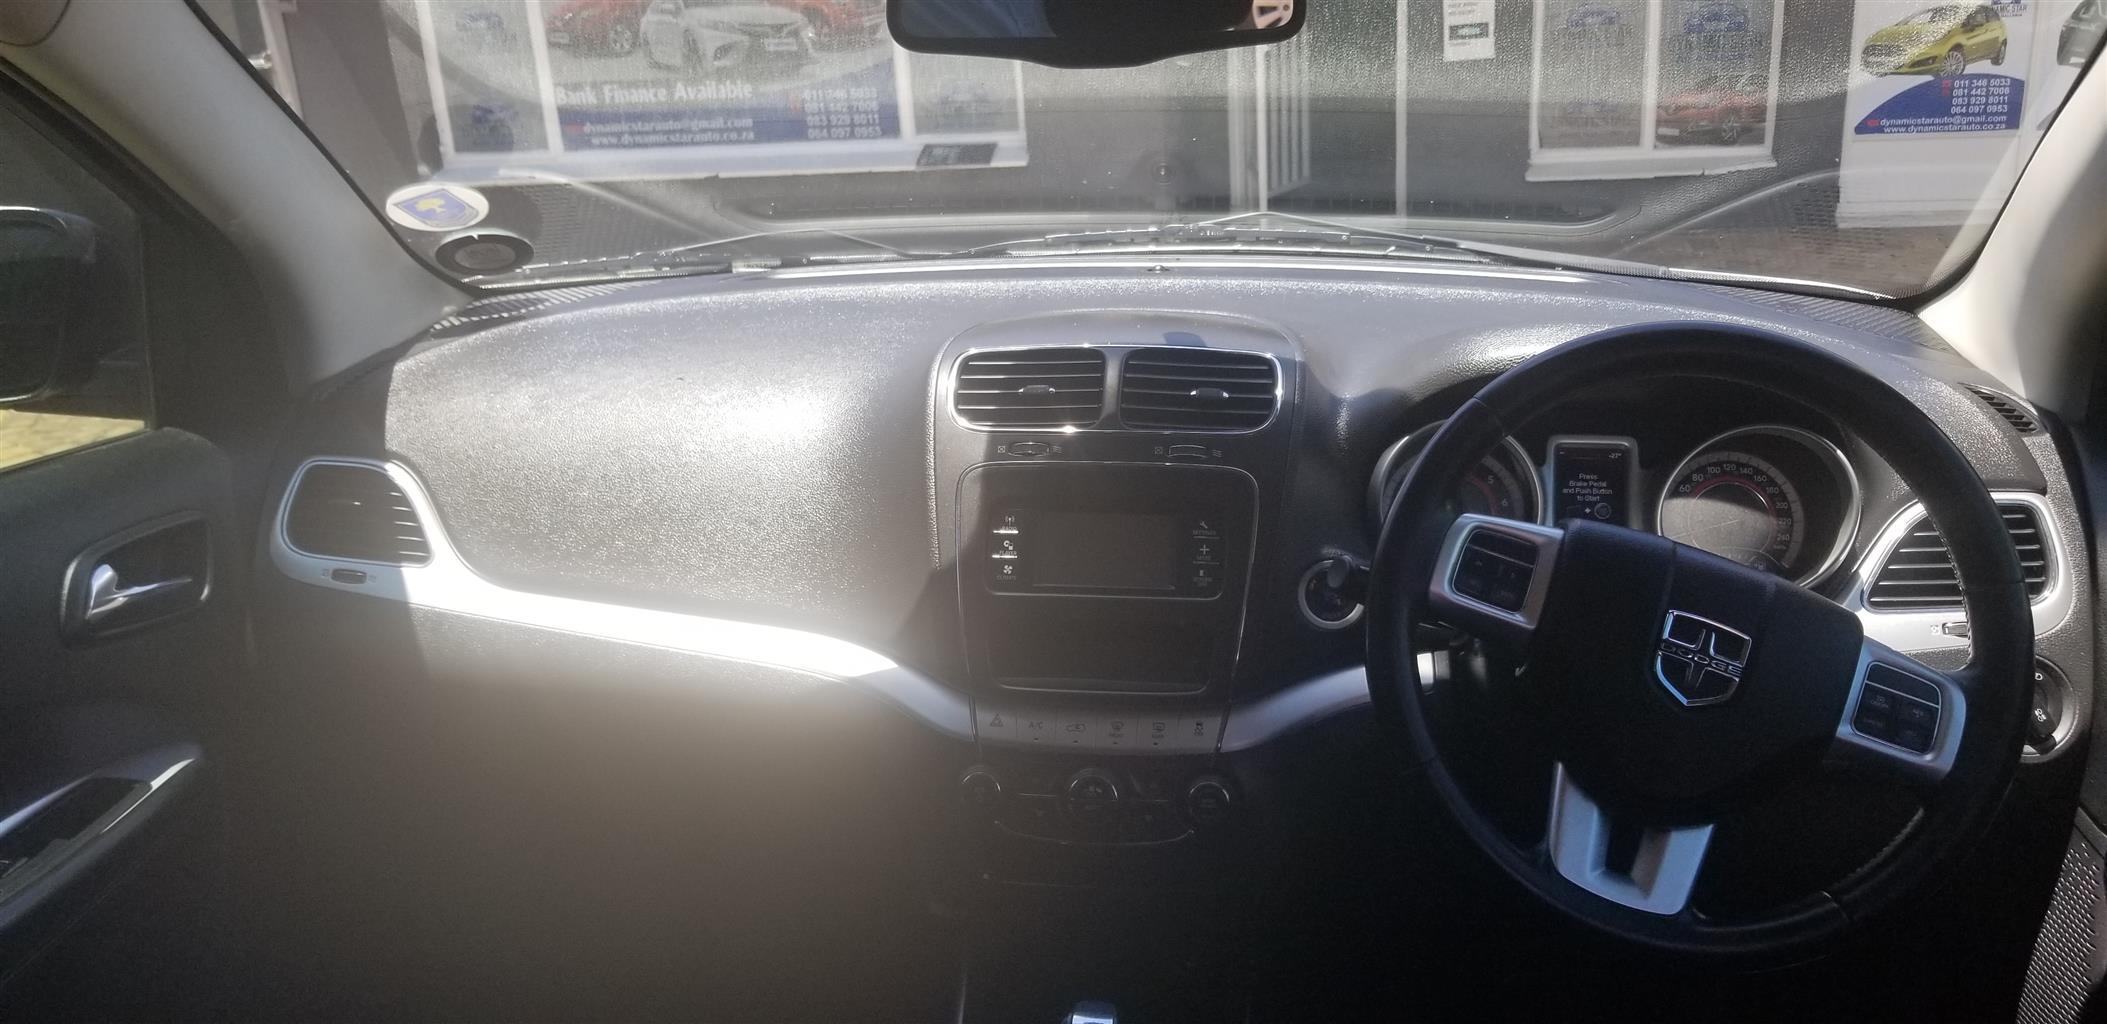 2012 Dodge Journey 3.6 SXT